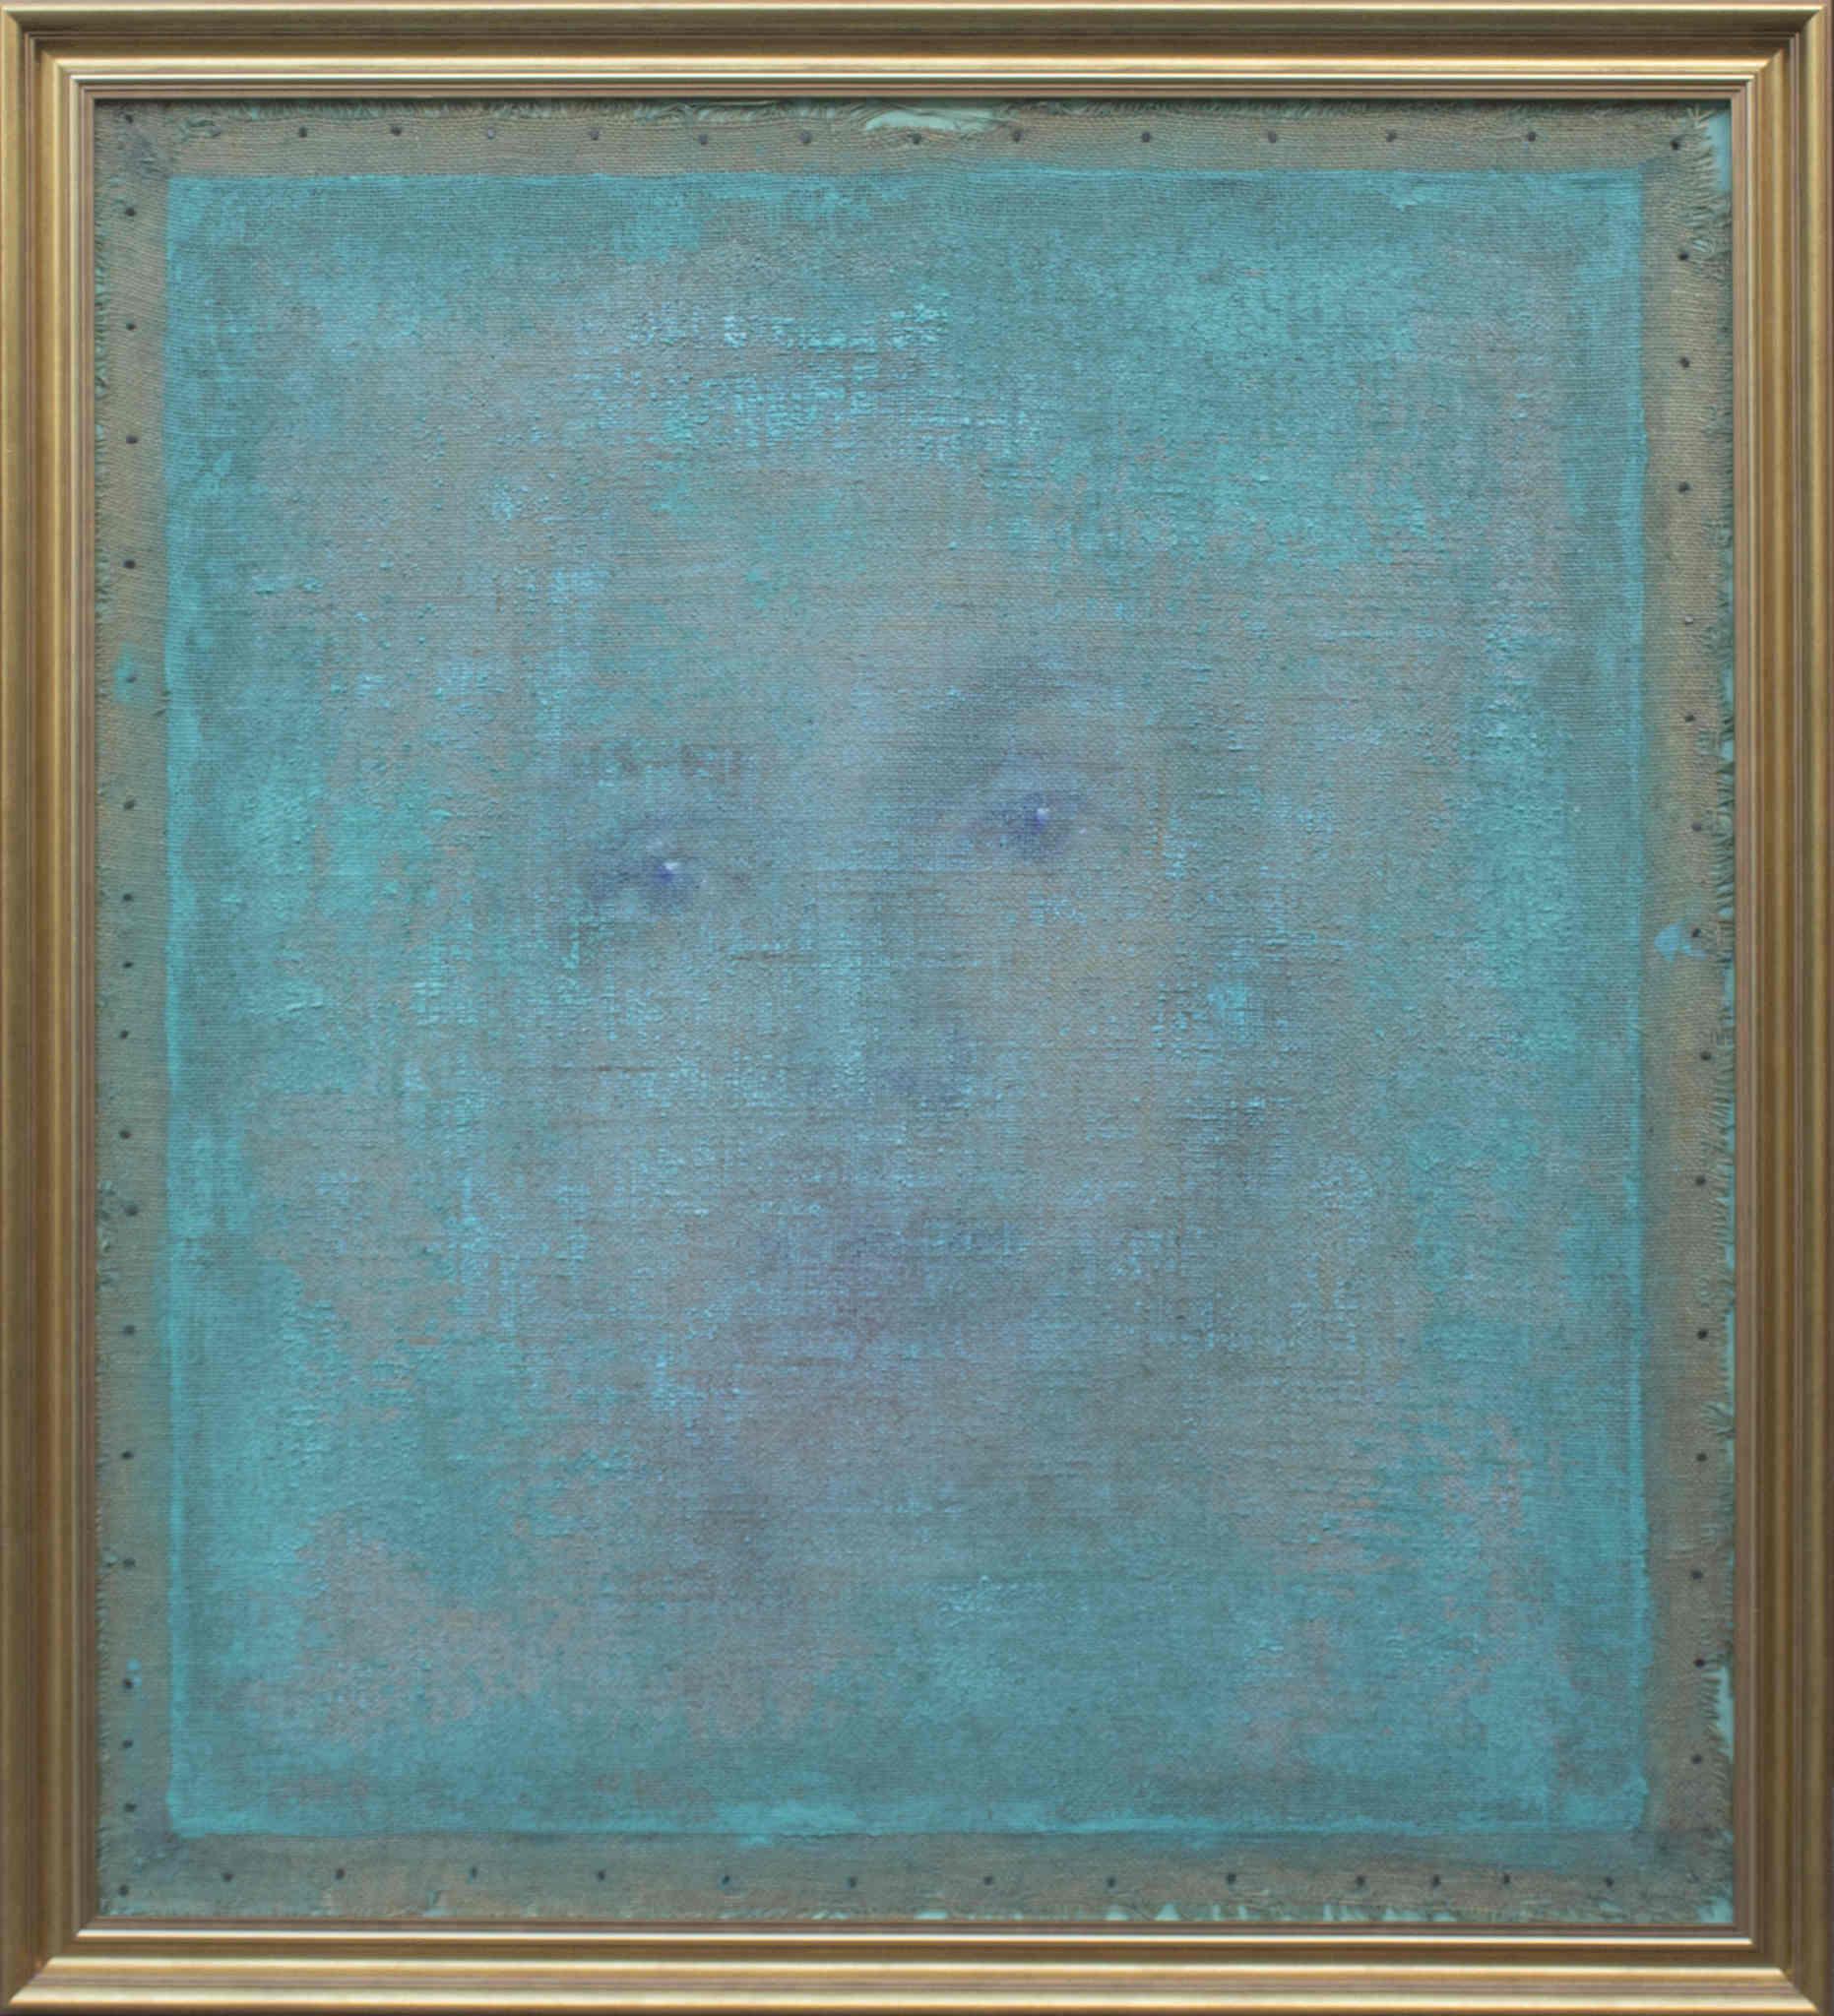 Portret pamięciowy, 2021